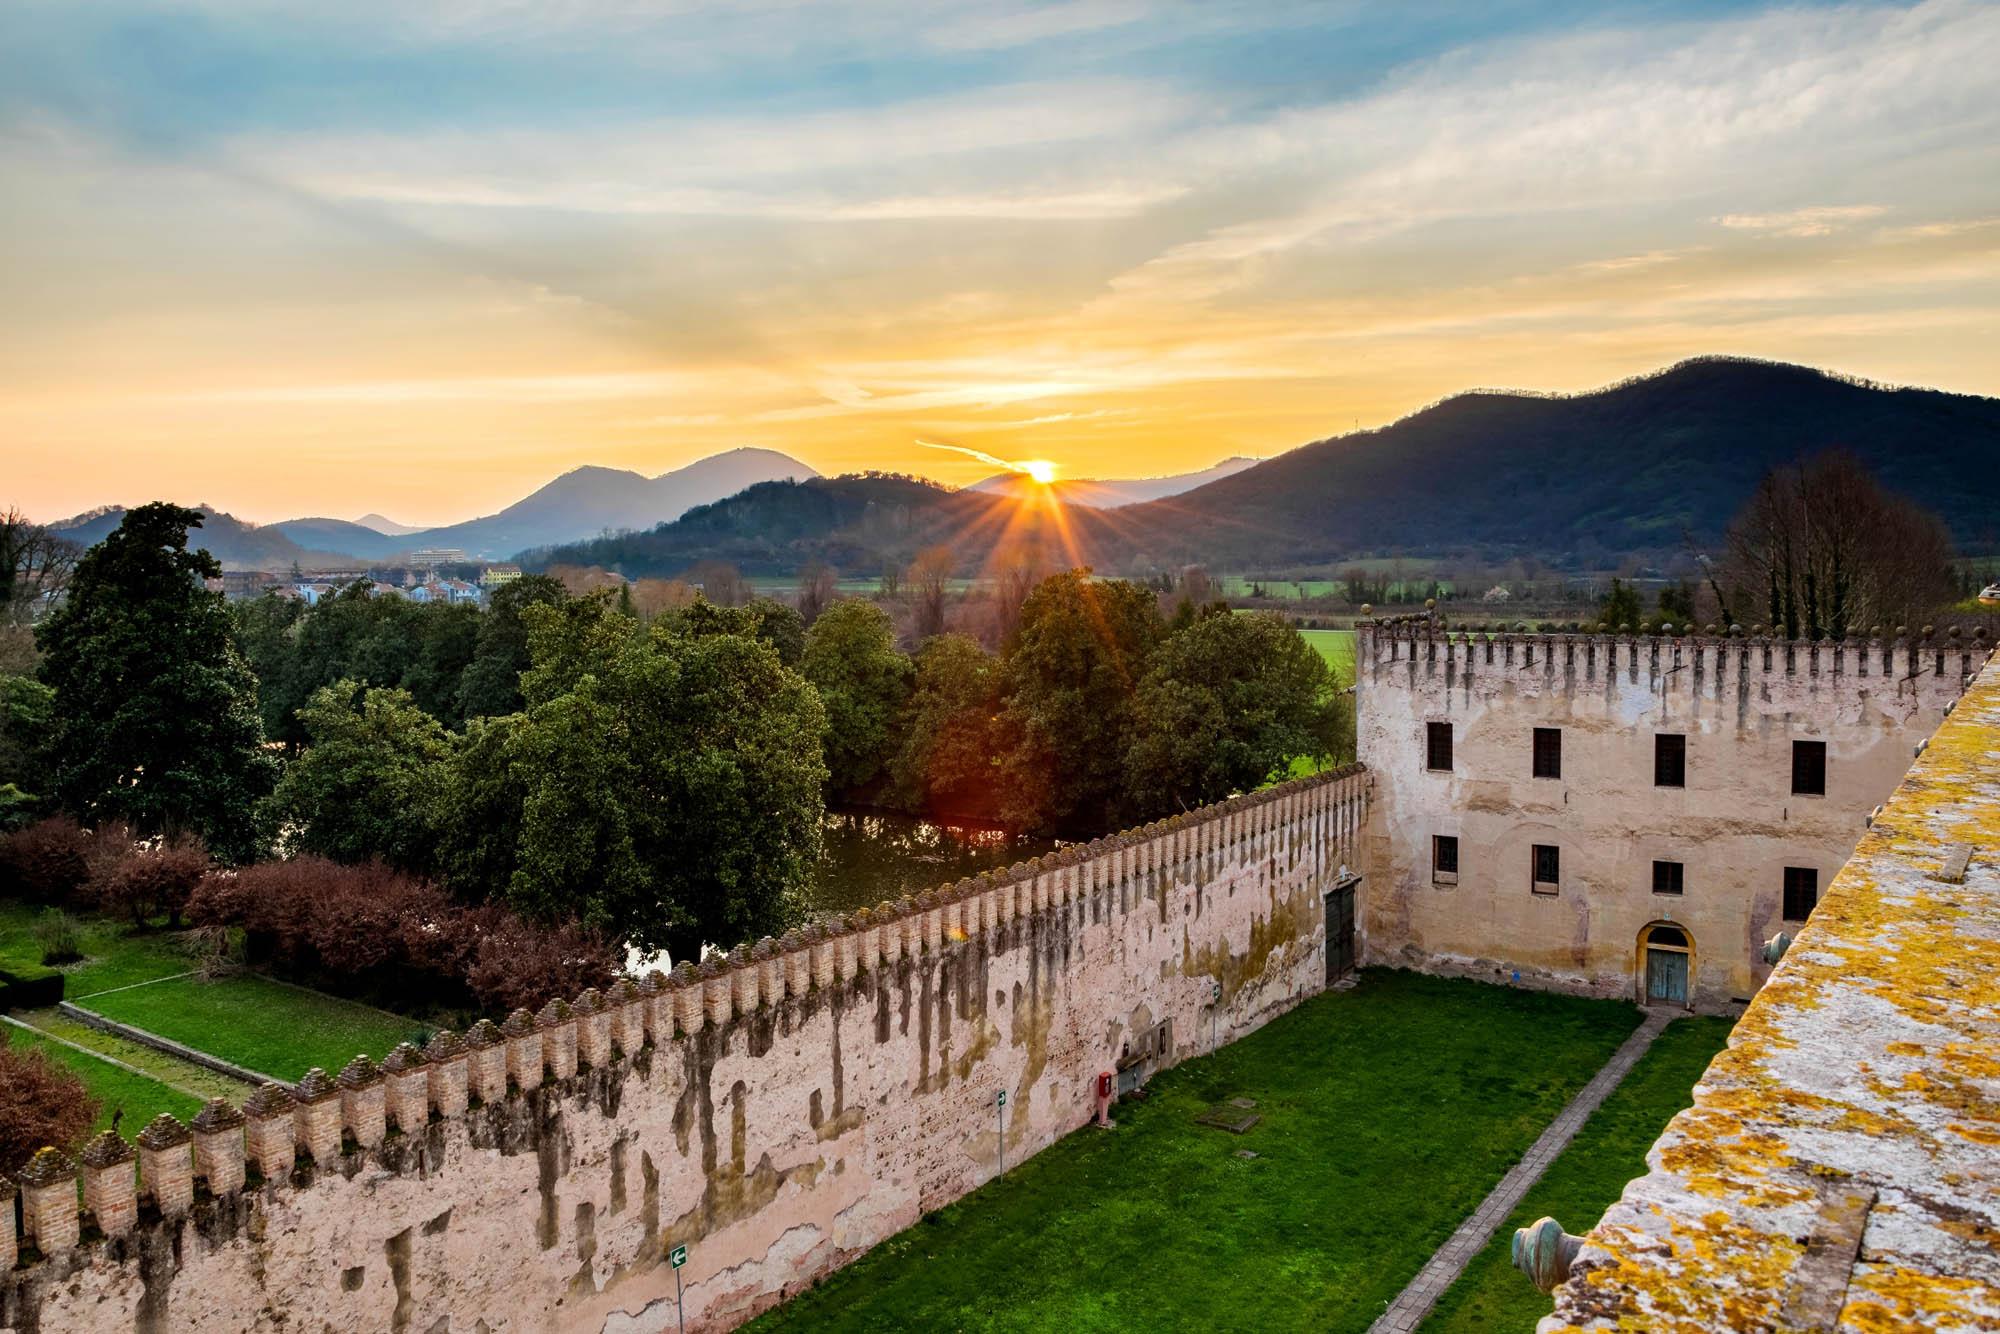 Foto Enrico Paggiaro, Copyright Castello del Catajo, http://www.castellodelcatajo.it/